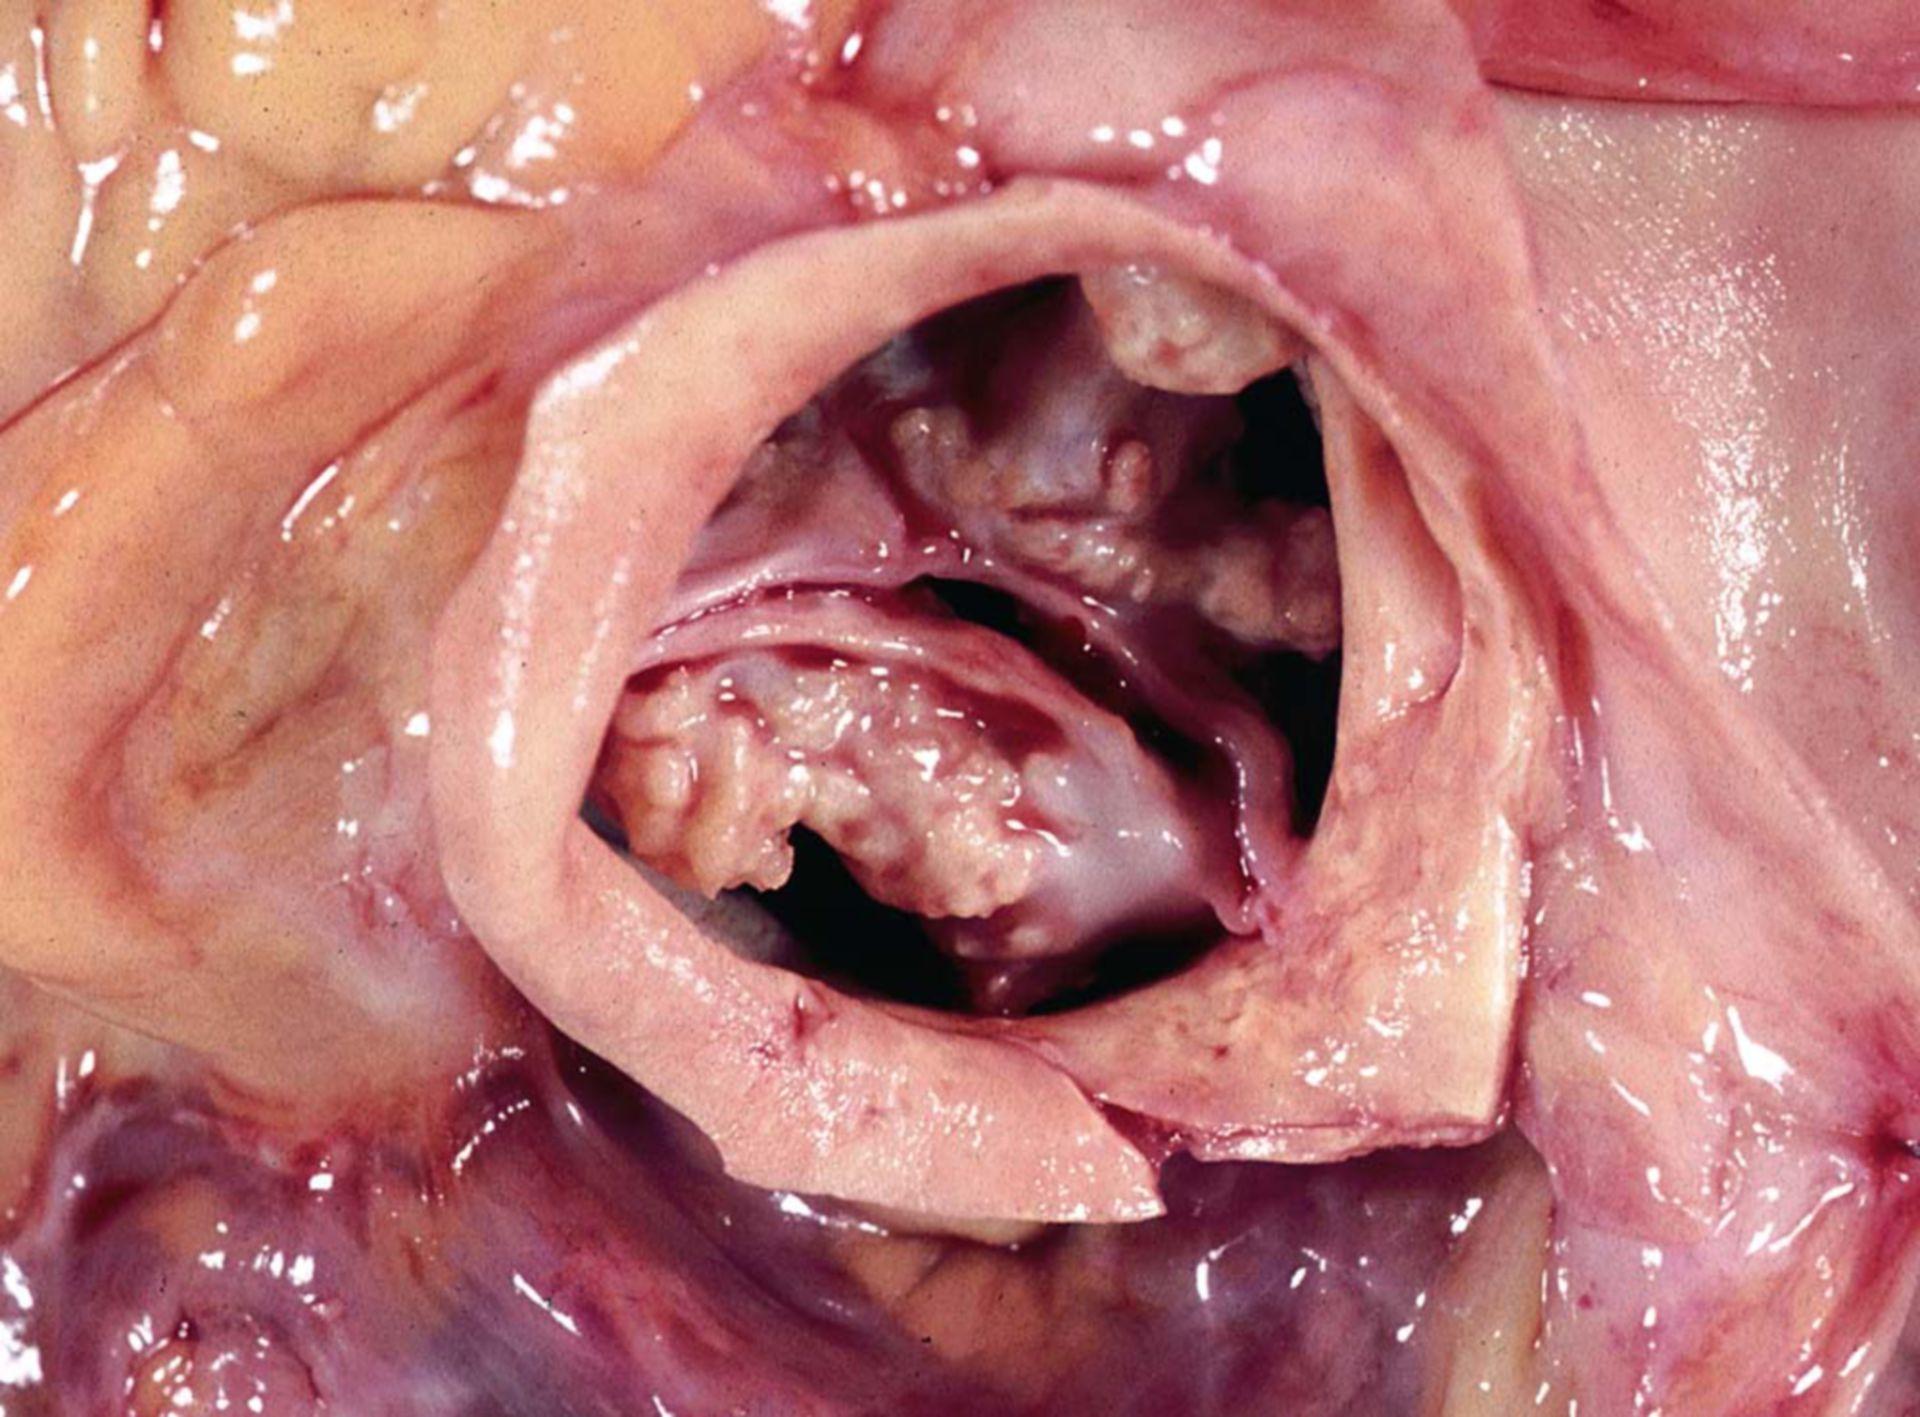 Stenosi valvolare aortica a causa di calcificazione di valvola bicuspide